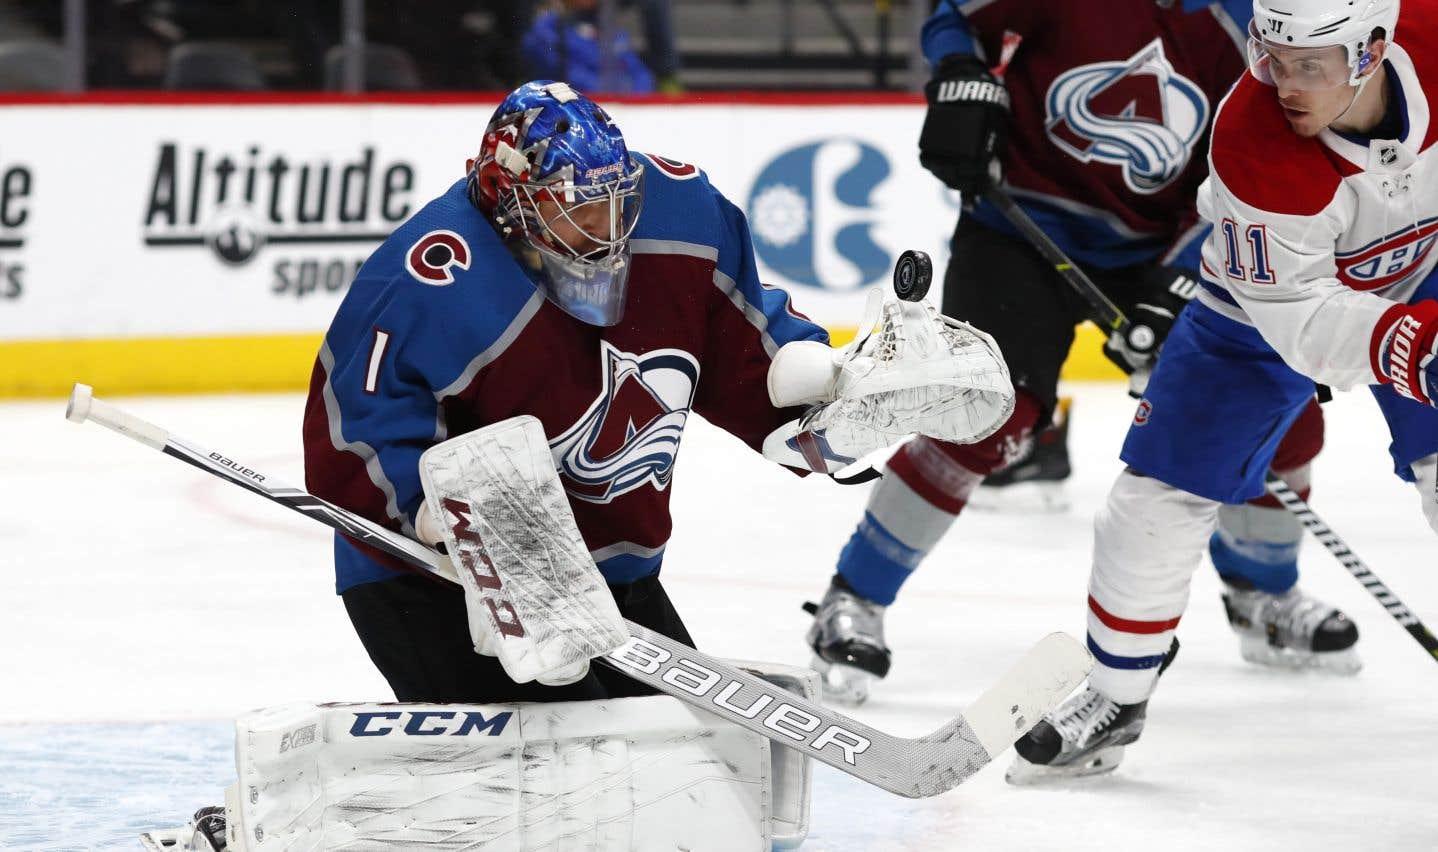 Le gardien Semyon Varlamov a obtenu son deuxième blanchissage de la saisonet son 23een carrière.